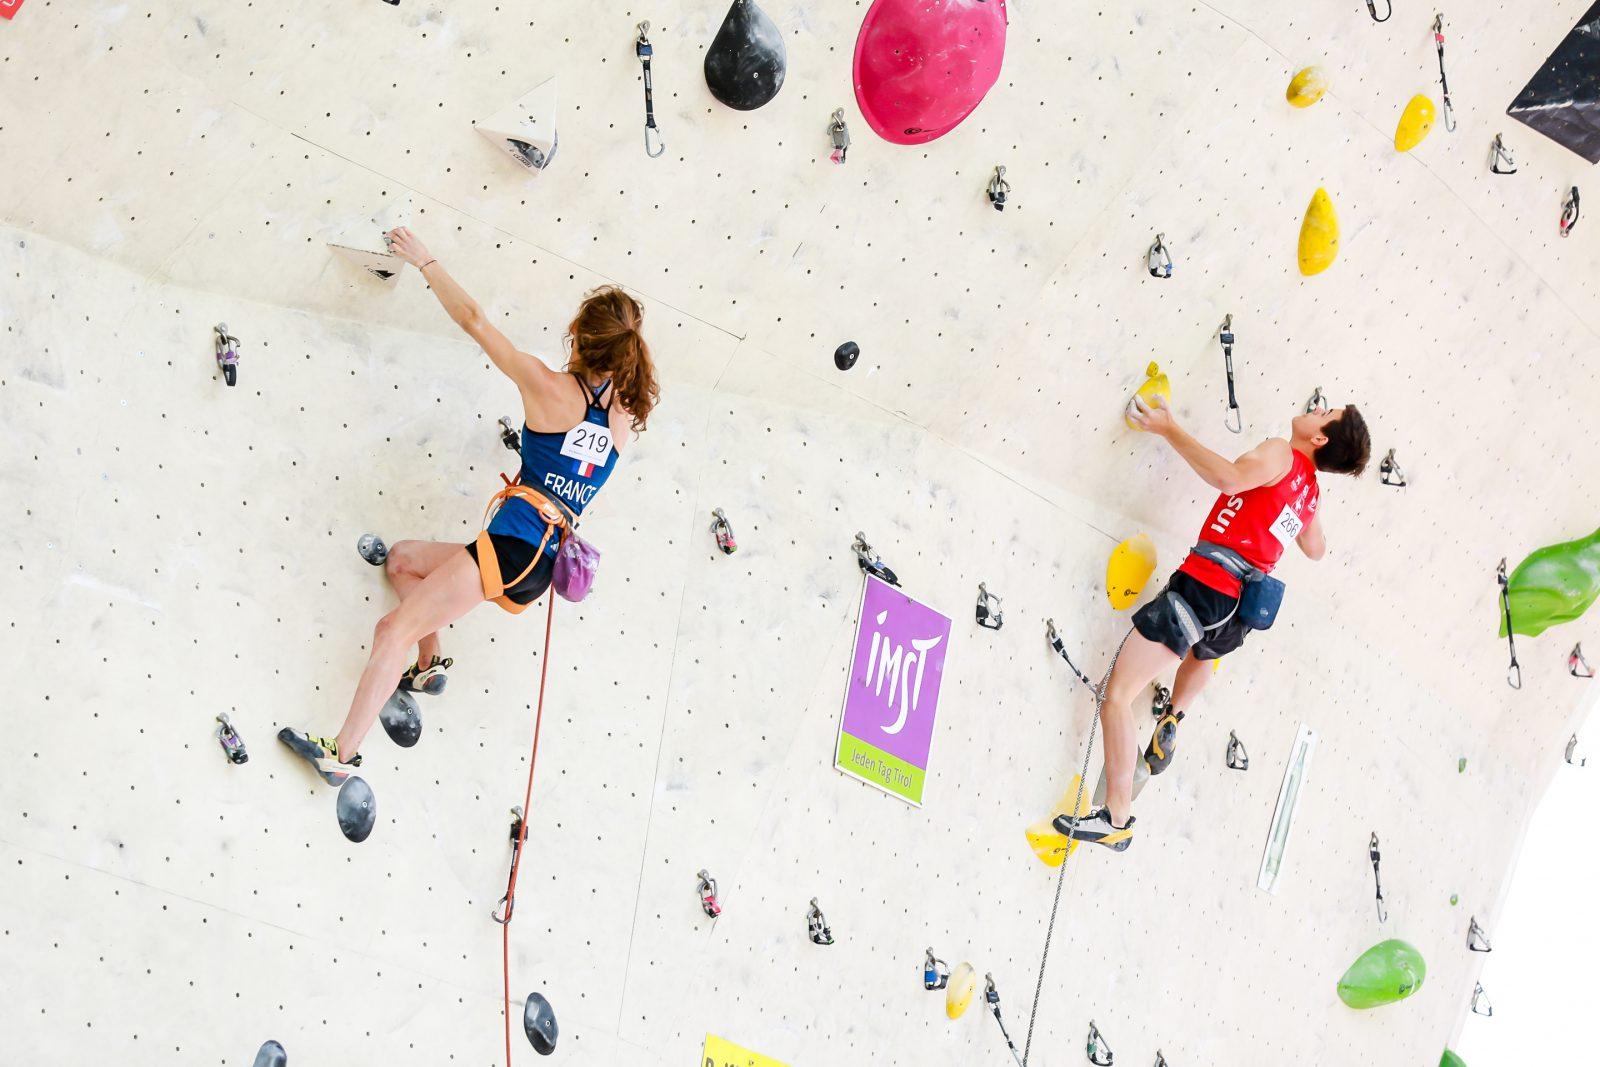 Beim Klettern Imst Festival werden verschiedene Wettbewerbe ausgetragen, Foto: Andy Knabl | Climbers Paradise